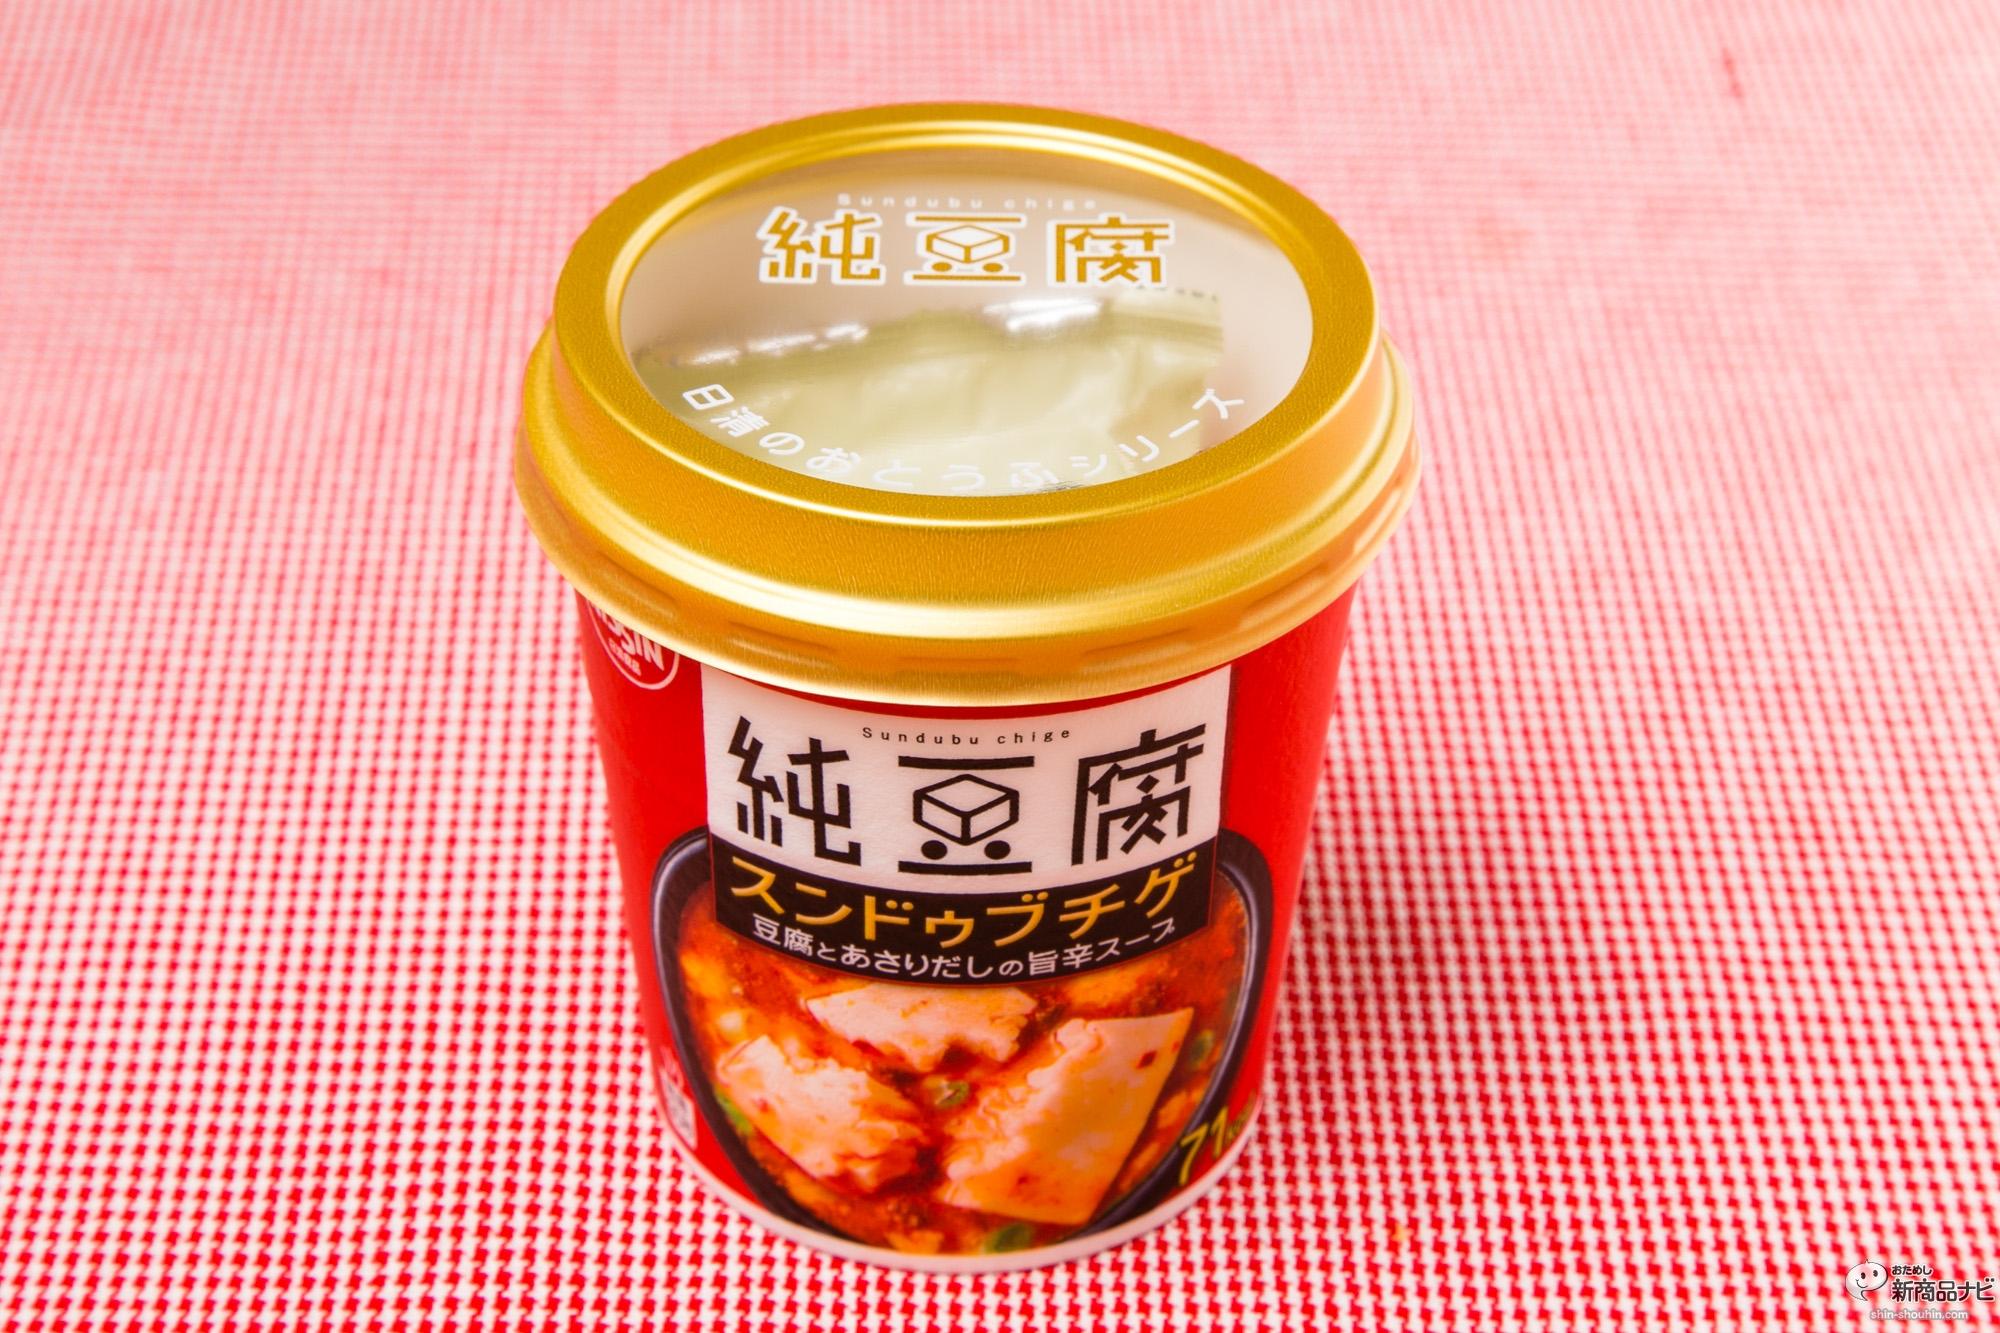 純豆腐の画像 p1_39